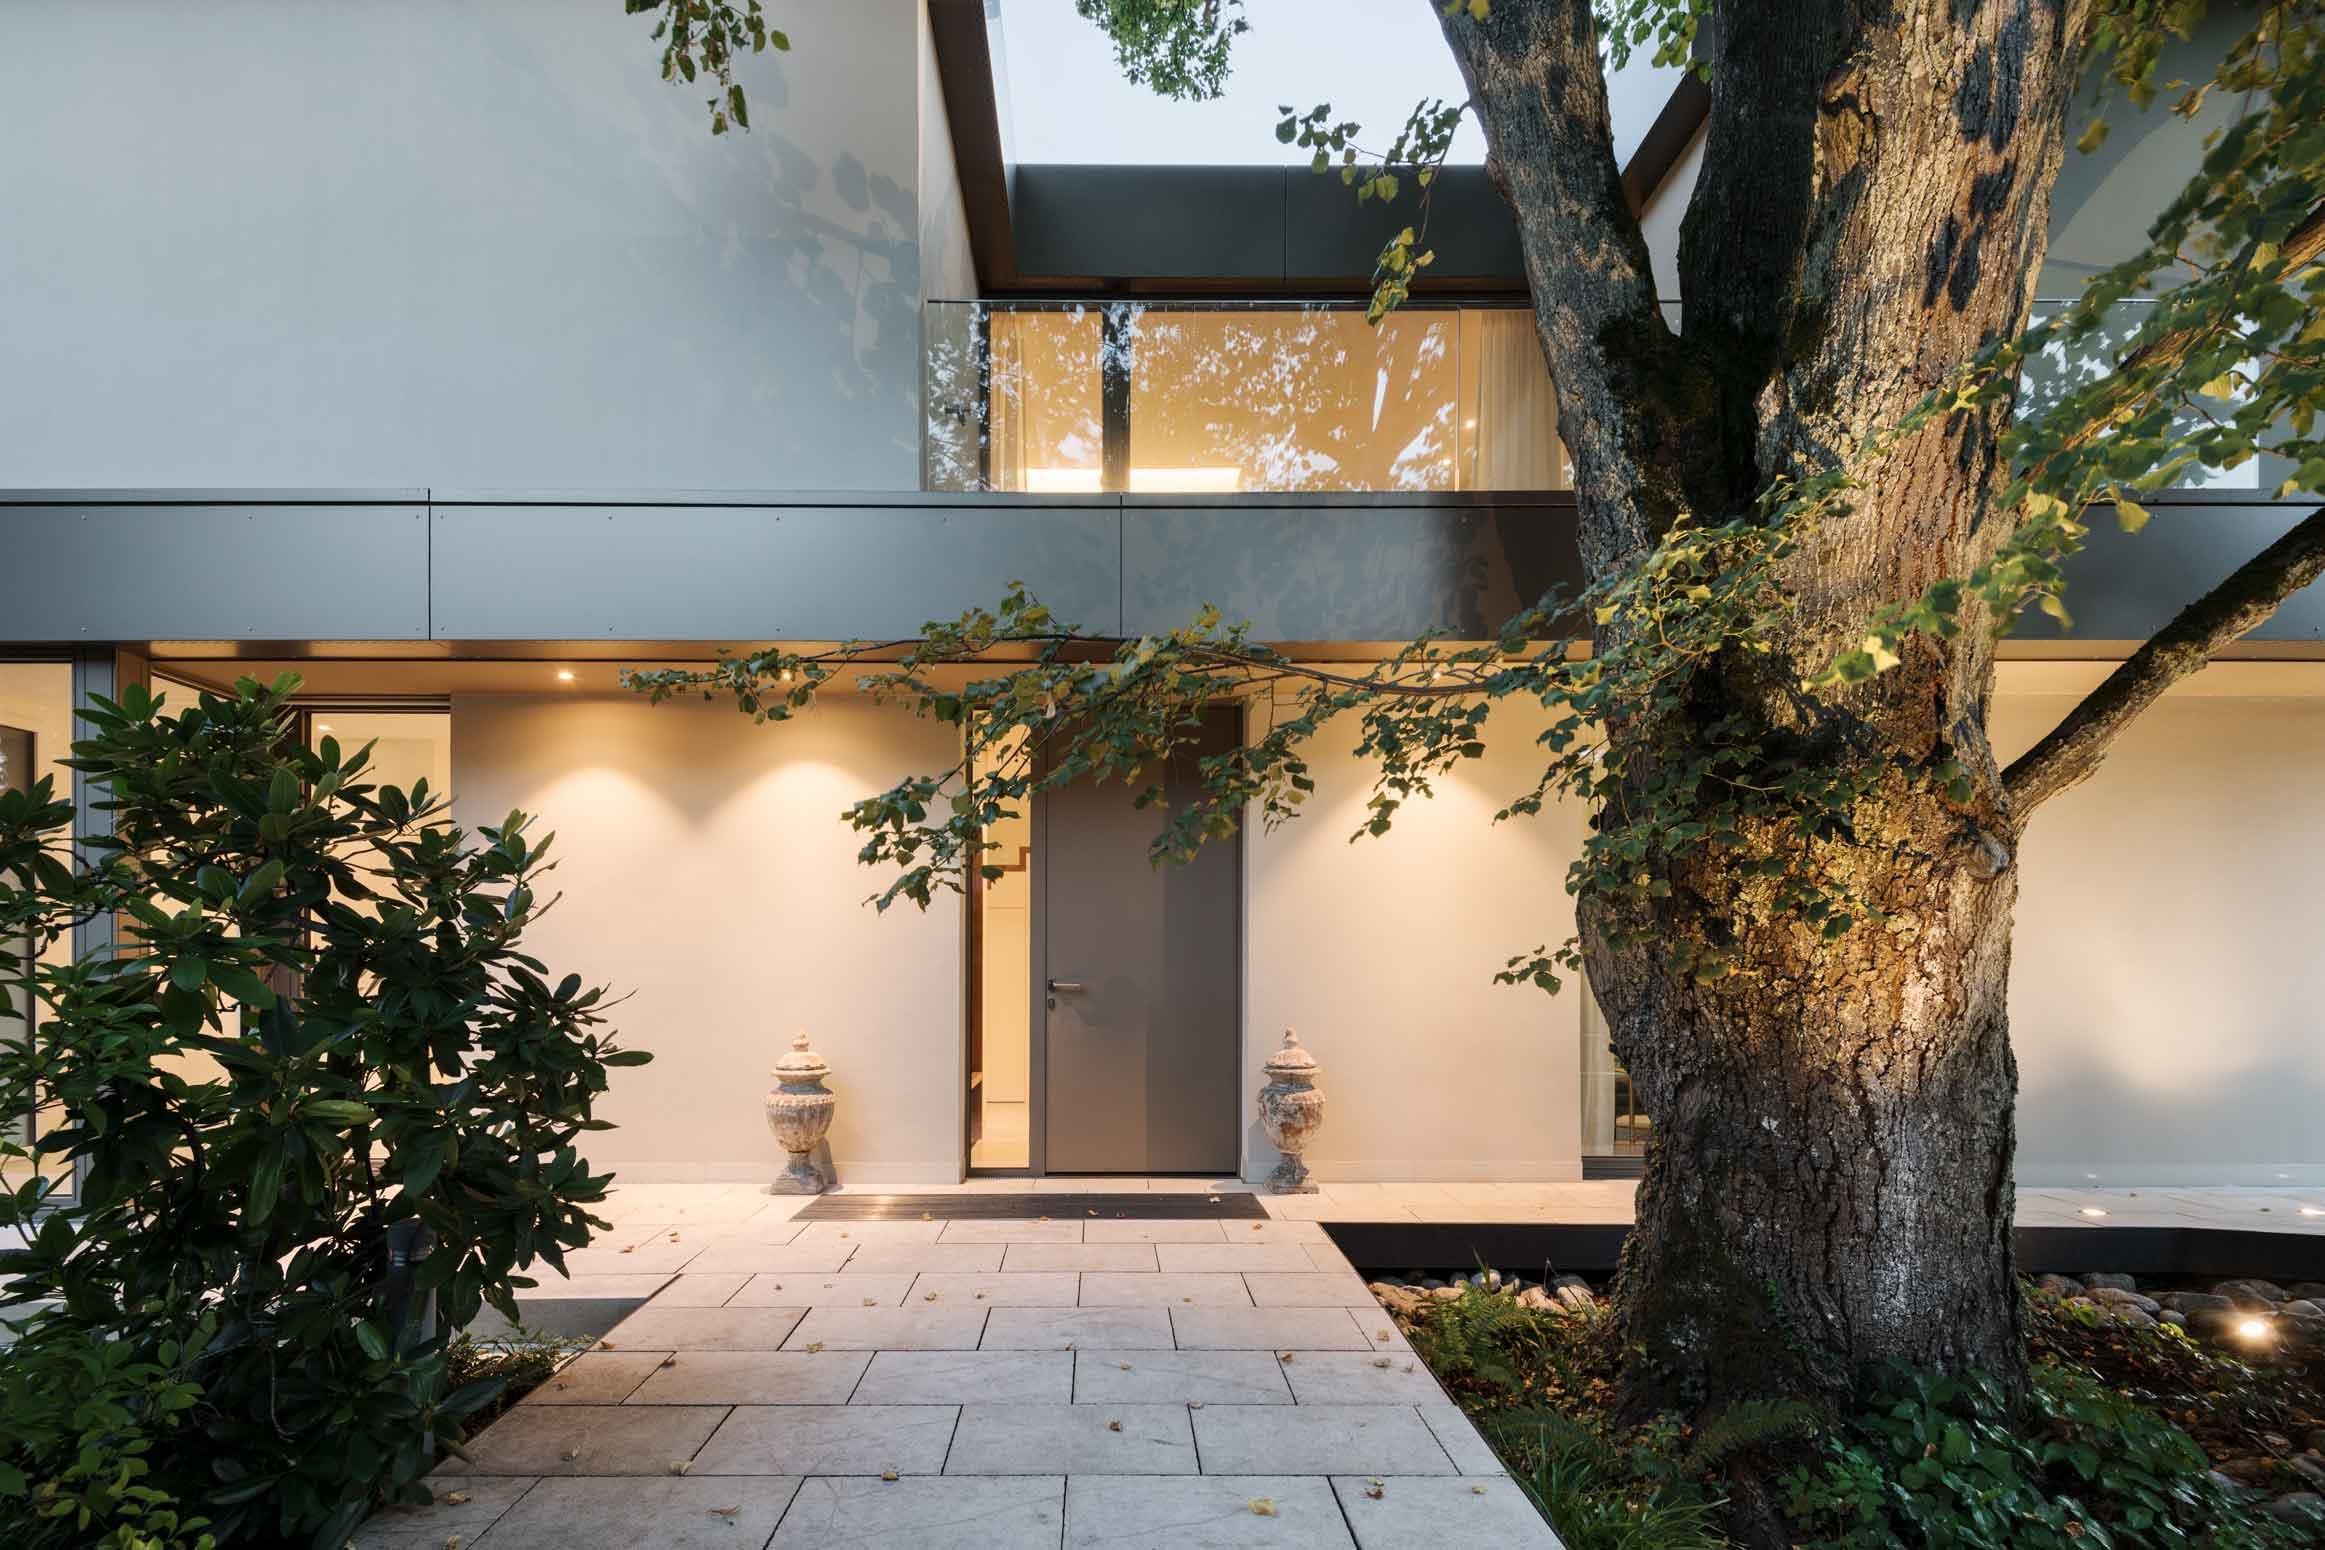 Baurealisation-Zuerich-Kuesnacht-Gartengestaltung